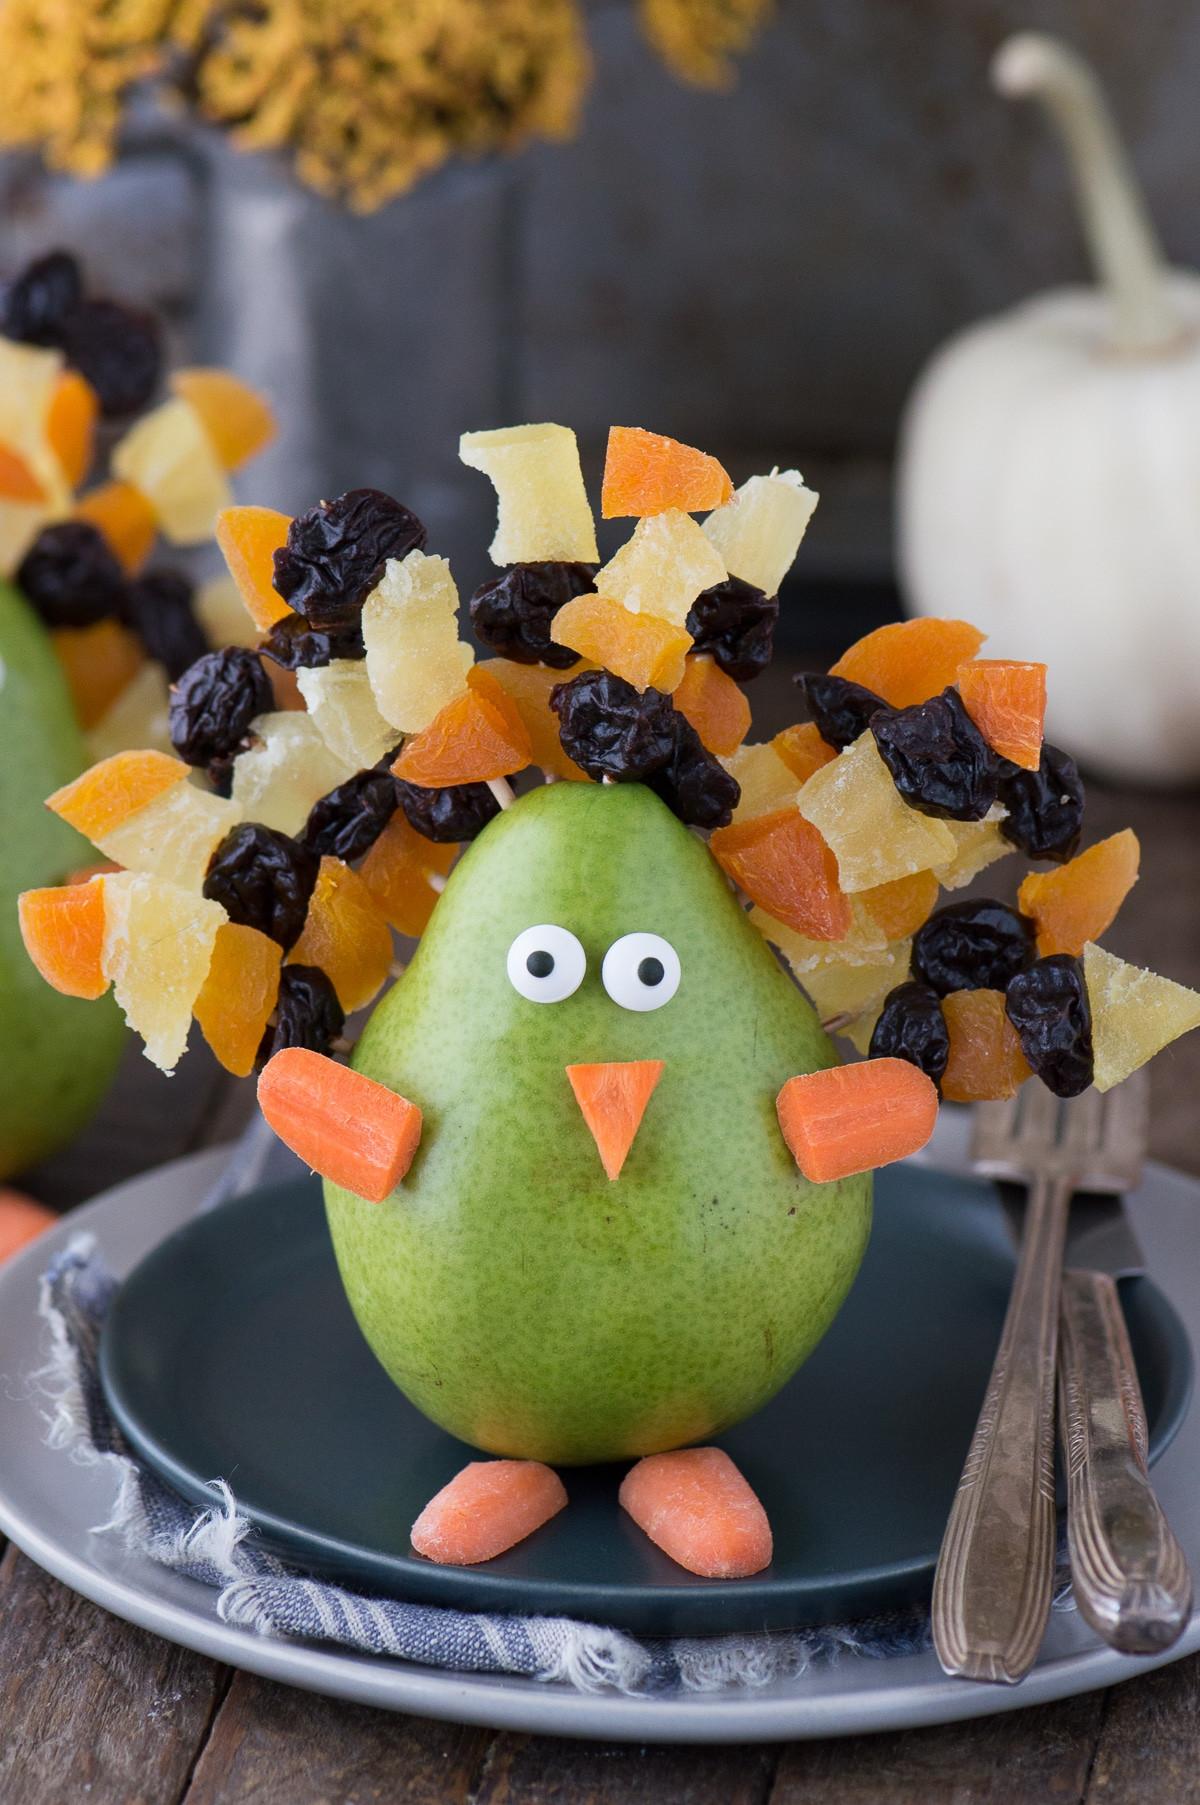 Turkey Centerpieces Thanksgiving  Edible Thanksgiving Turkey Place Card or Centerpiece